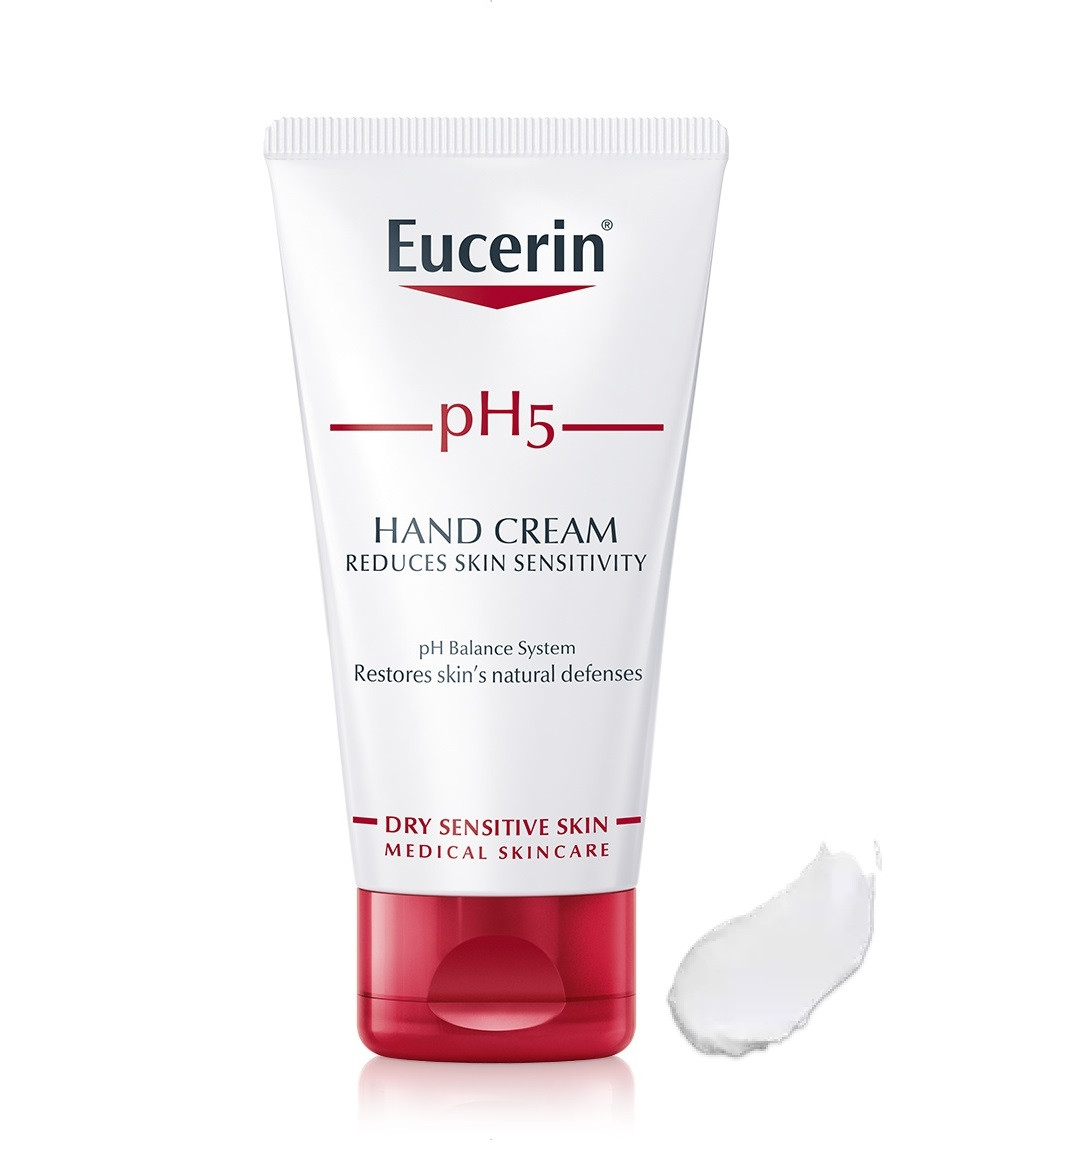 ЮСЕРИН pH5 Крем за ръце 75мл | EUCERIN pH5 Hand cream 75ml